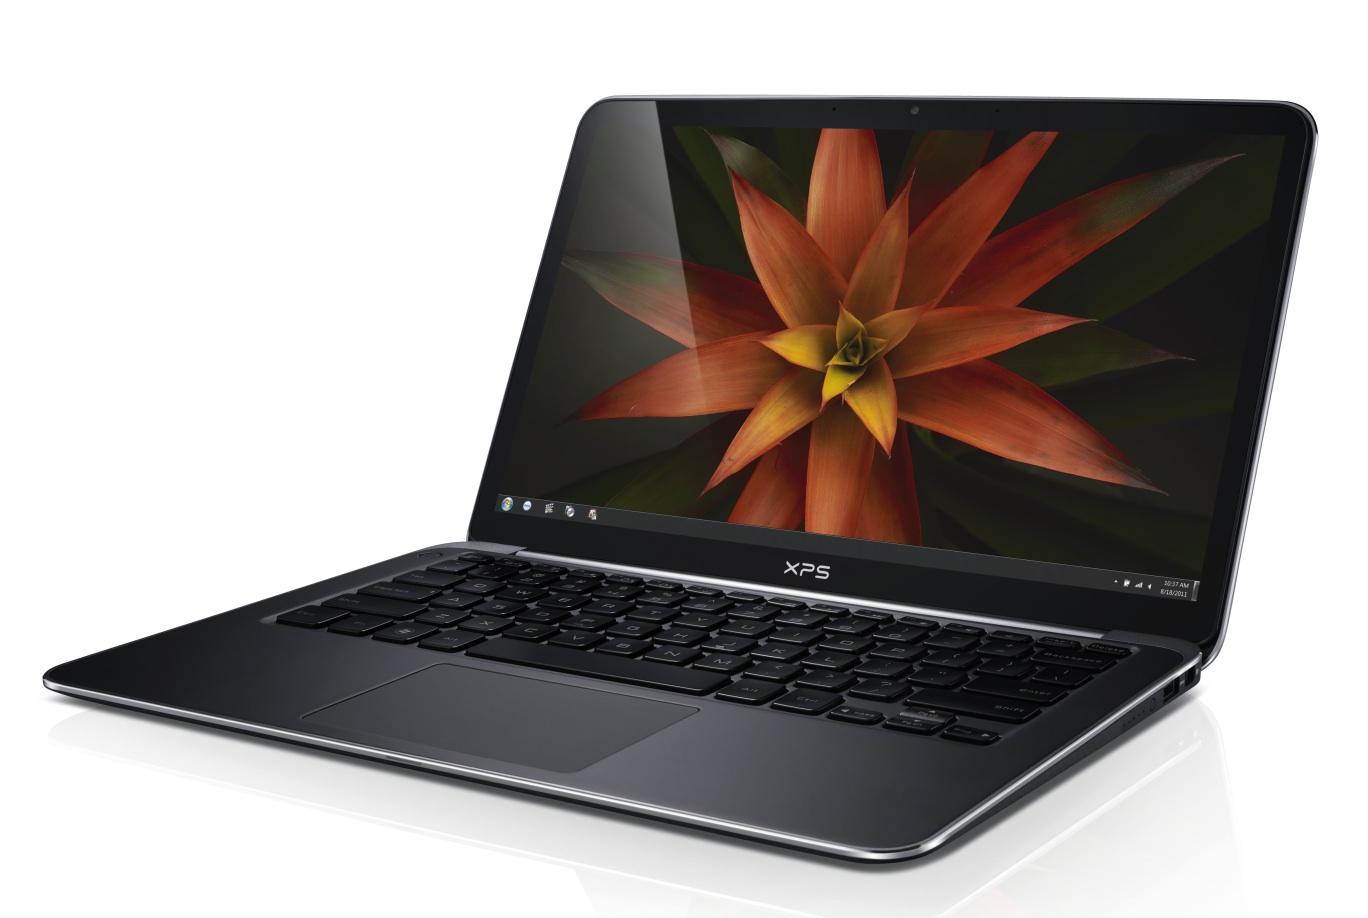 ноутбук купить недорого интернет магазин